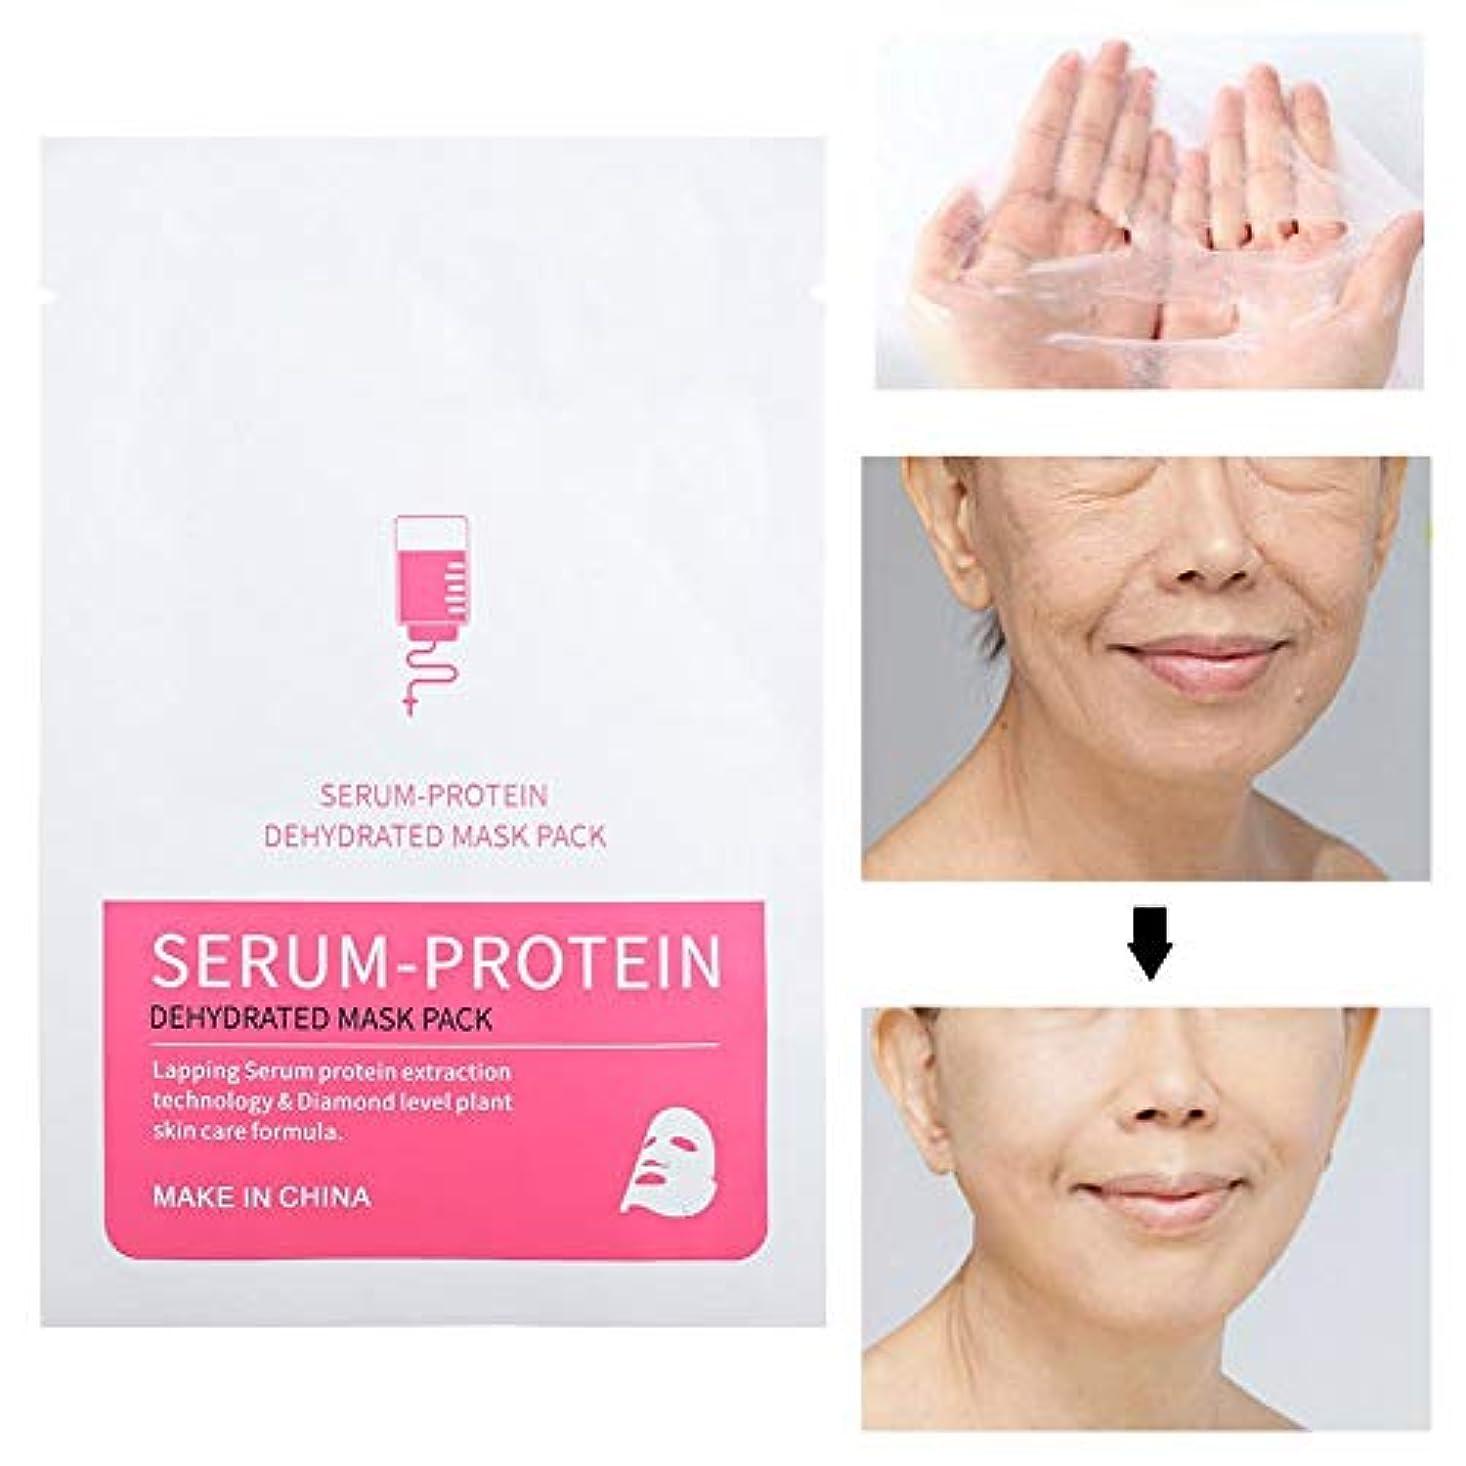 慈善カーテン規制3.5g血清蛋白質のマスク、凍結乾燥させた粉のマスクをしっかり止める反しわの収縮の気孔